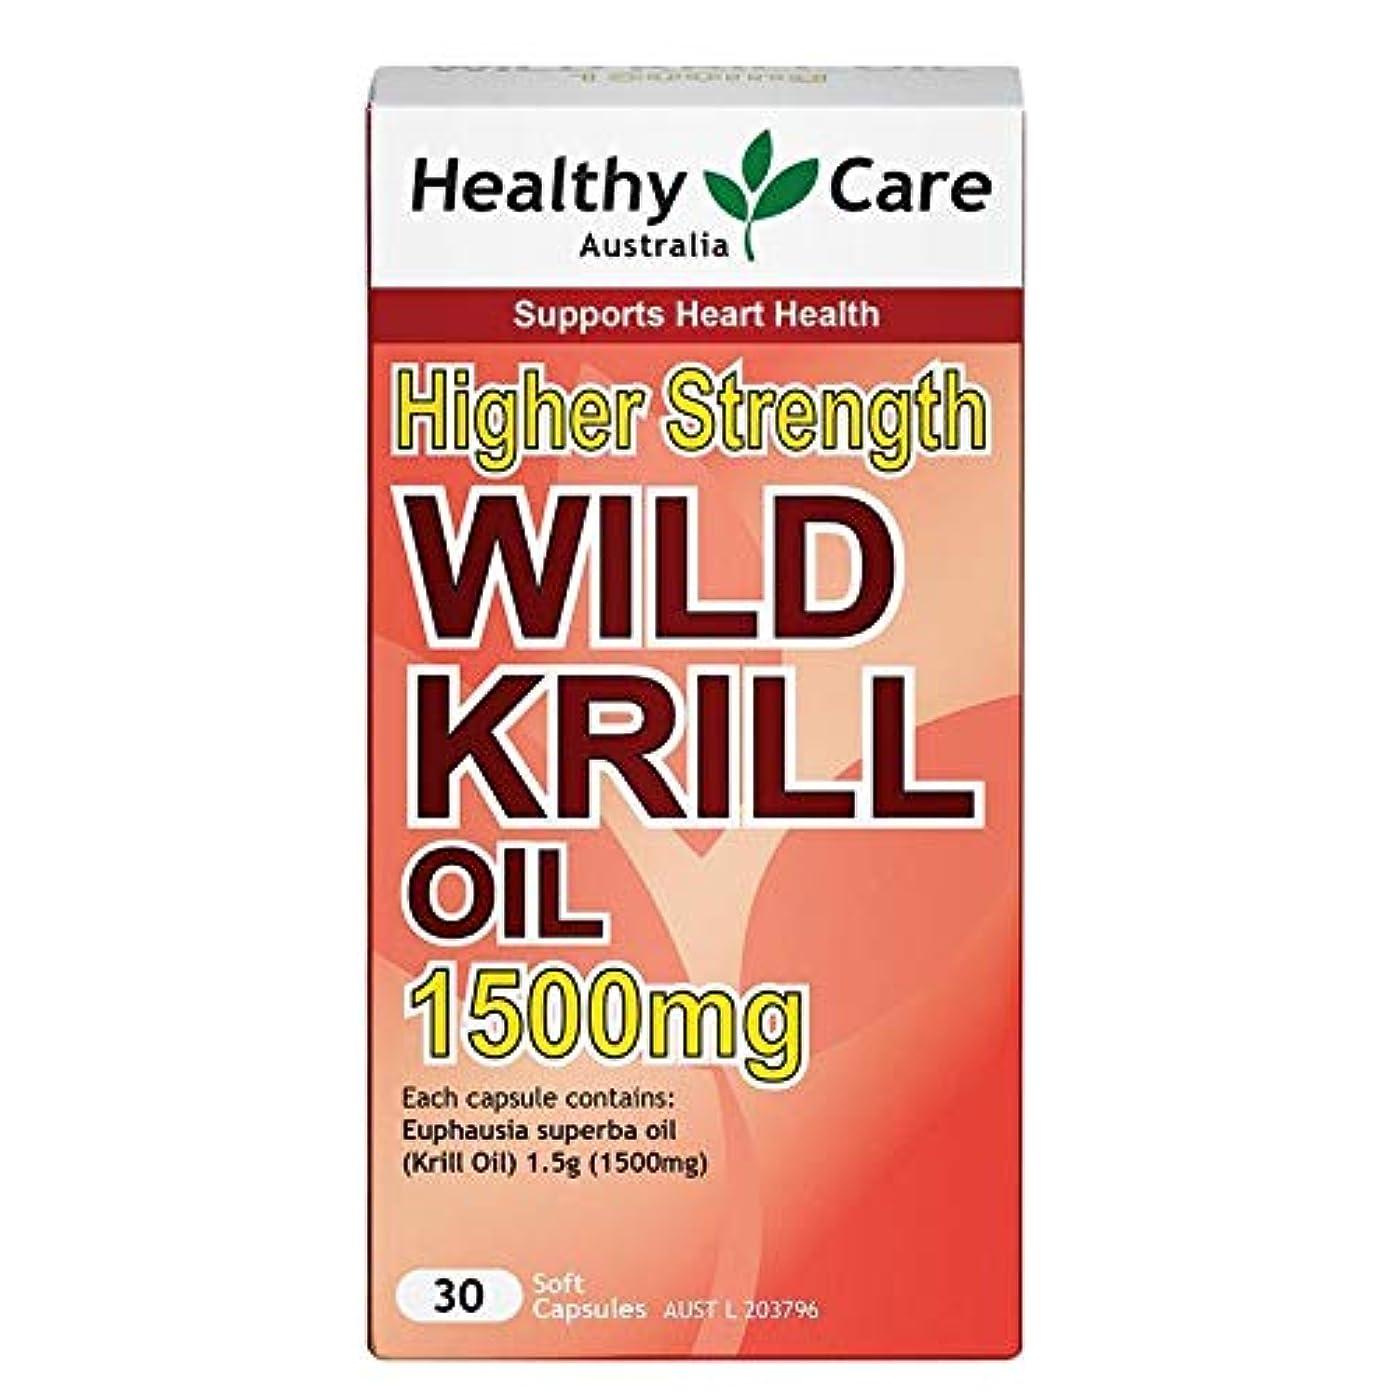 フォーム手書きグラフィック[Health Care]ワイルドオキアミオイル (30cap) Wild Krill Oil 1500mg [海外直送品]